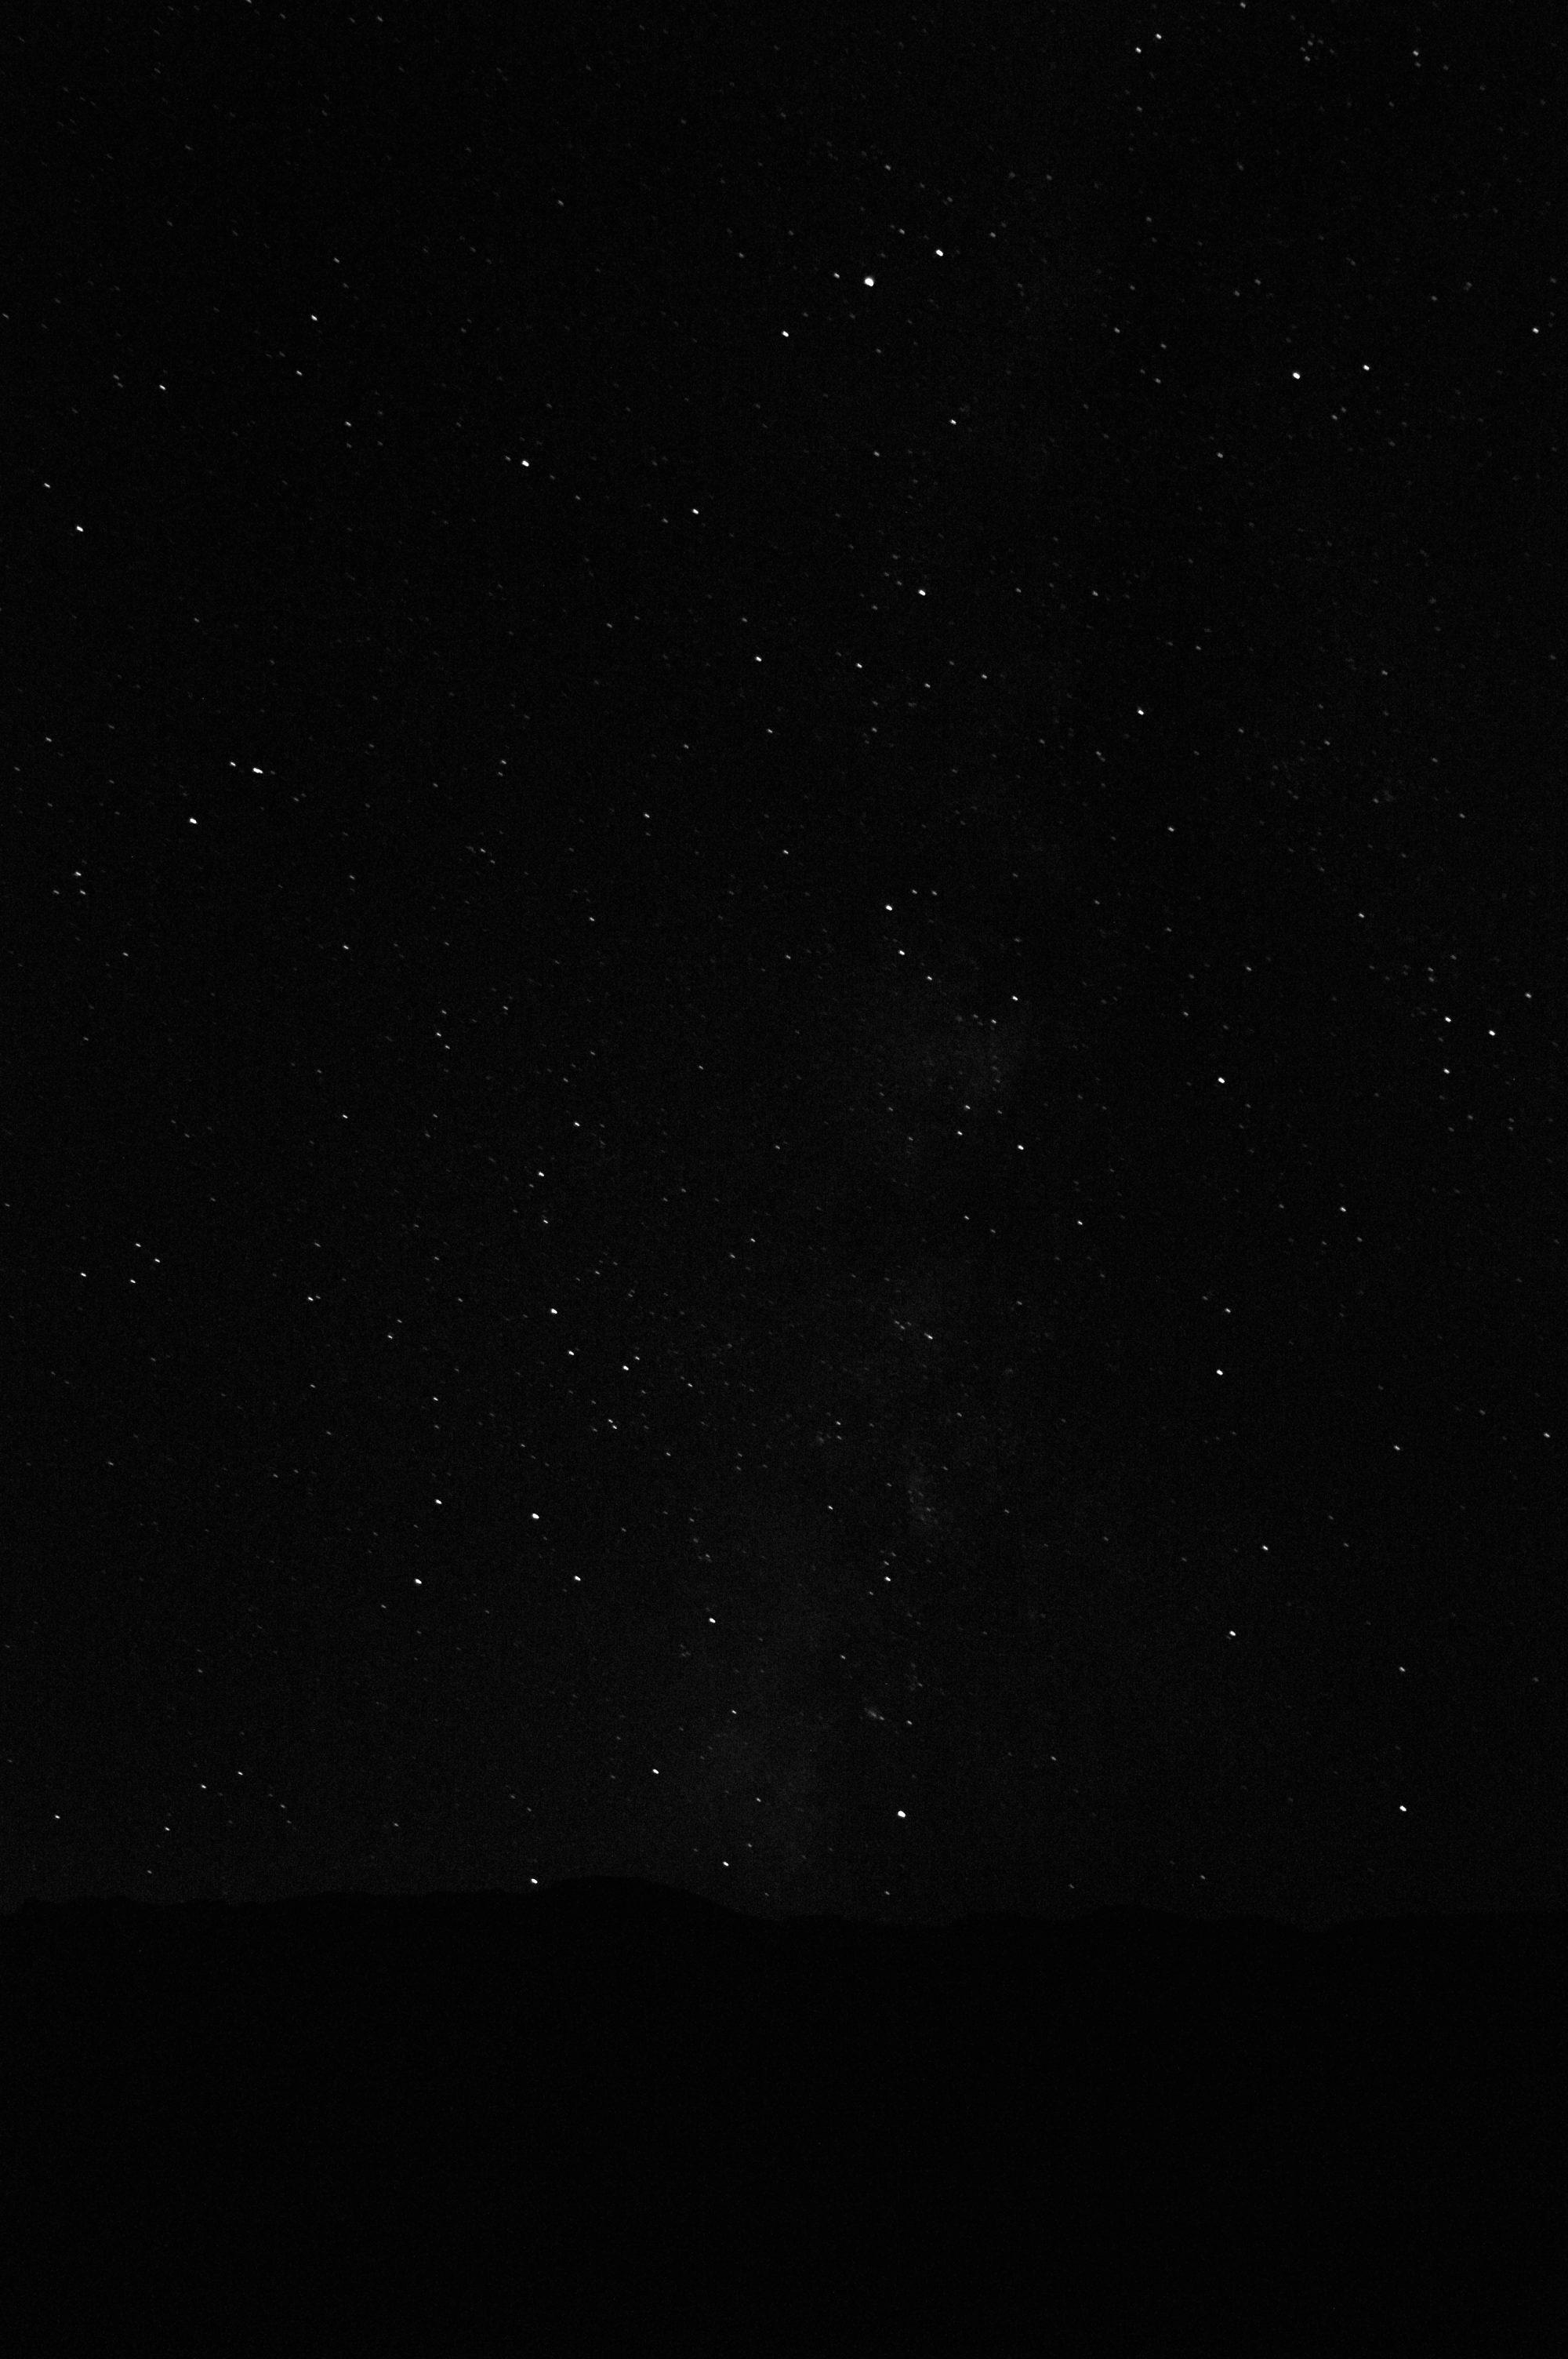 Milky Way Death Valley